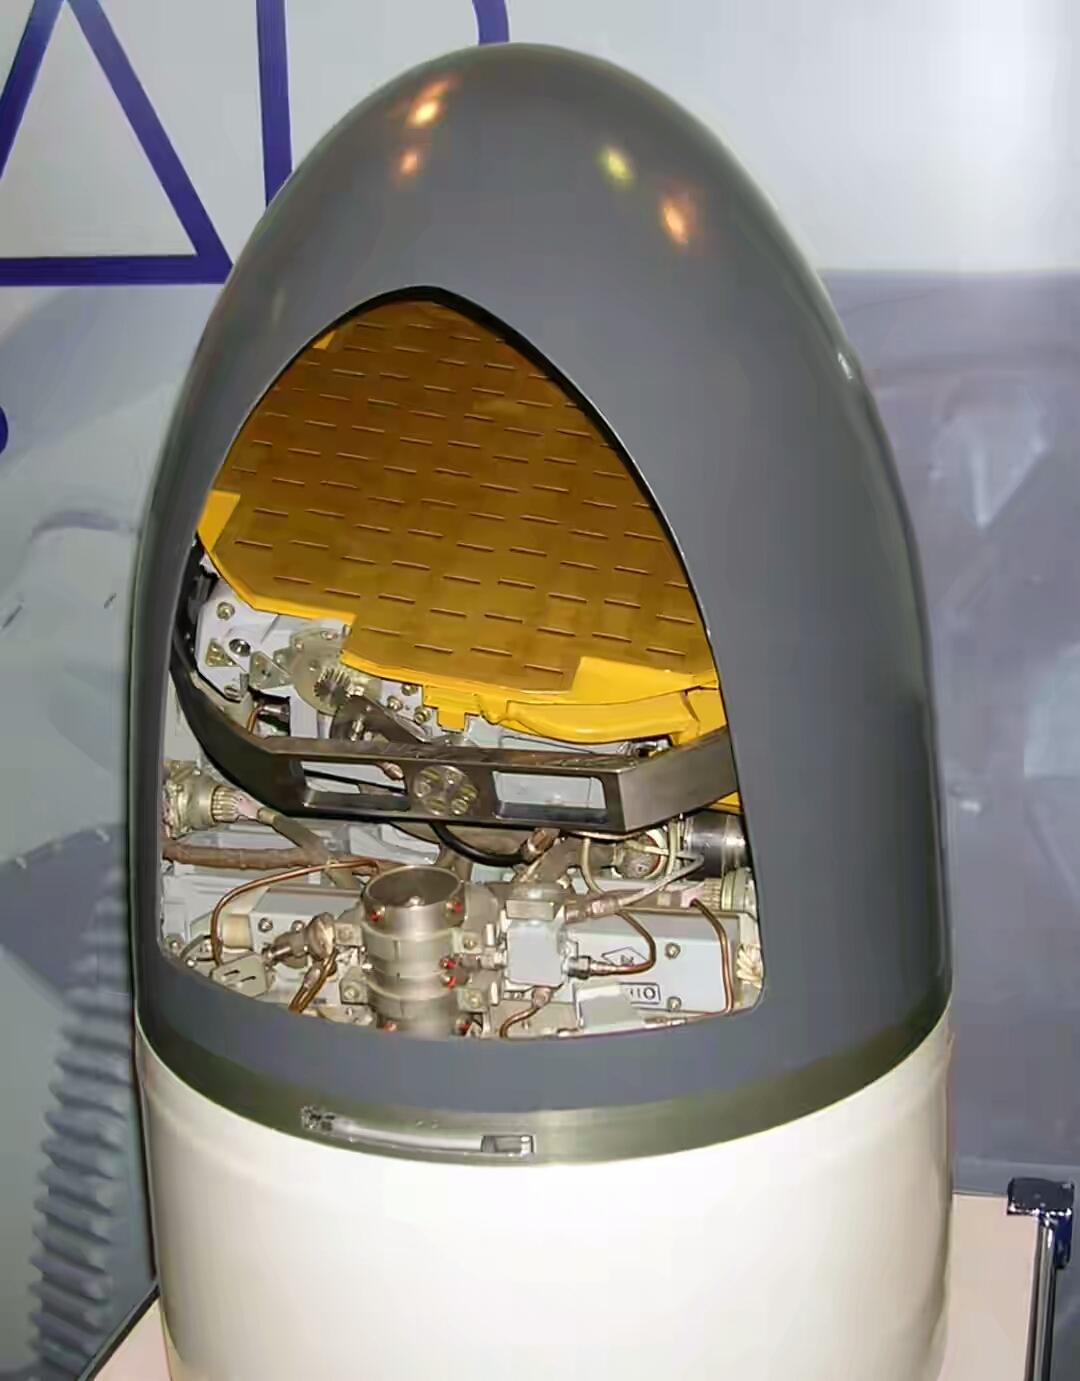 Seeker_Kh-35E_maks2005.jpg